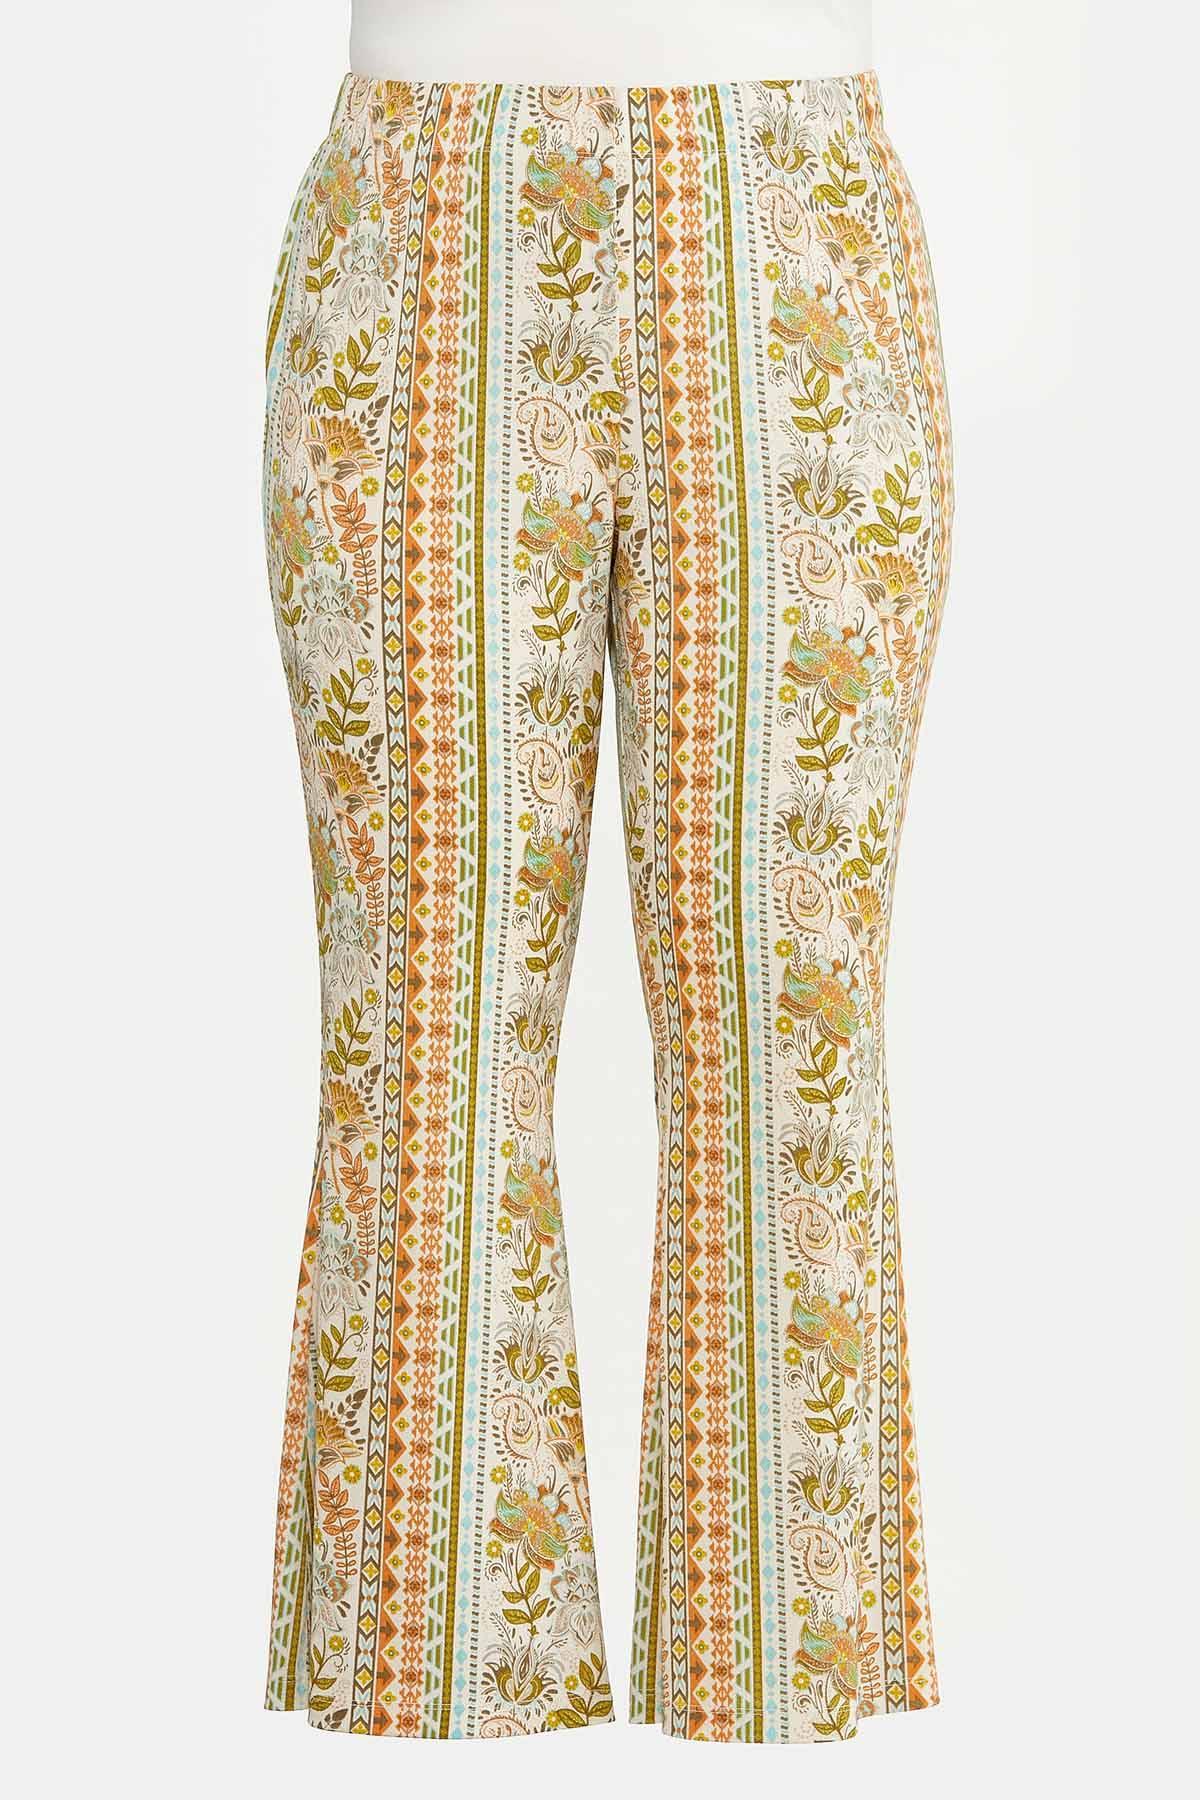 Plus Petite Retro Floral Flare Pants